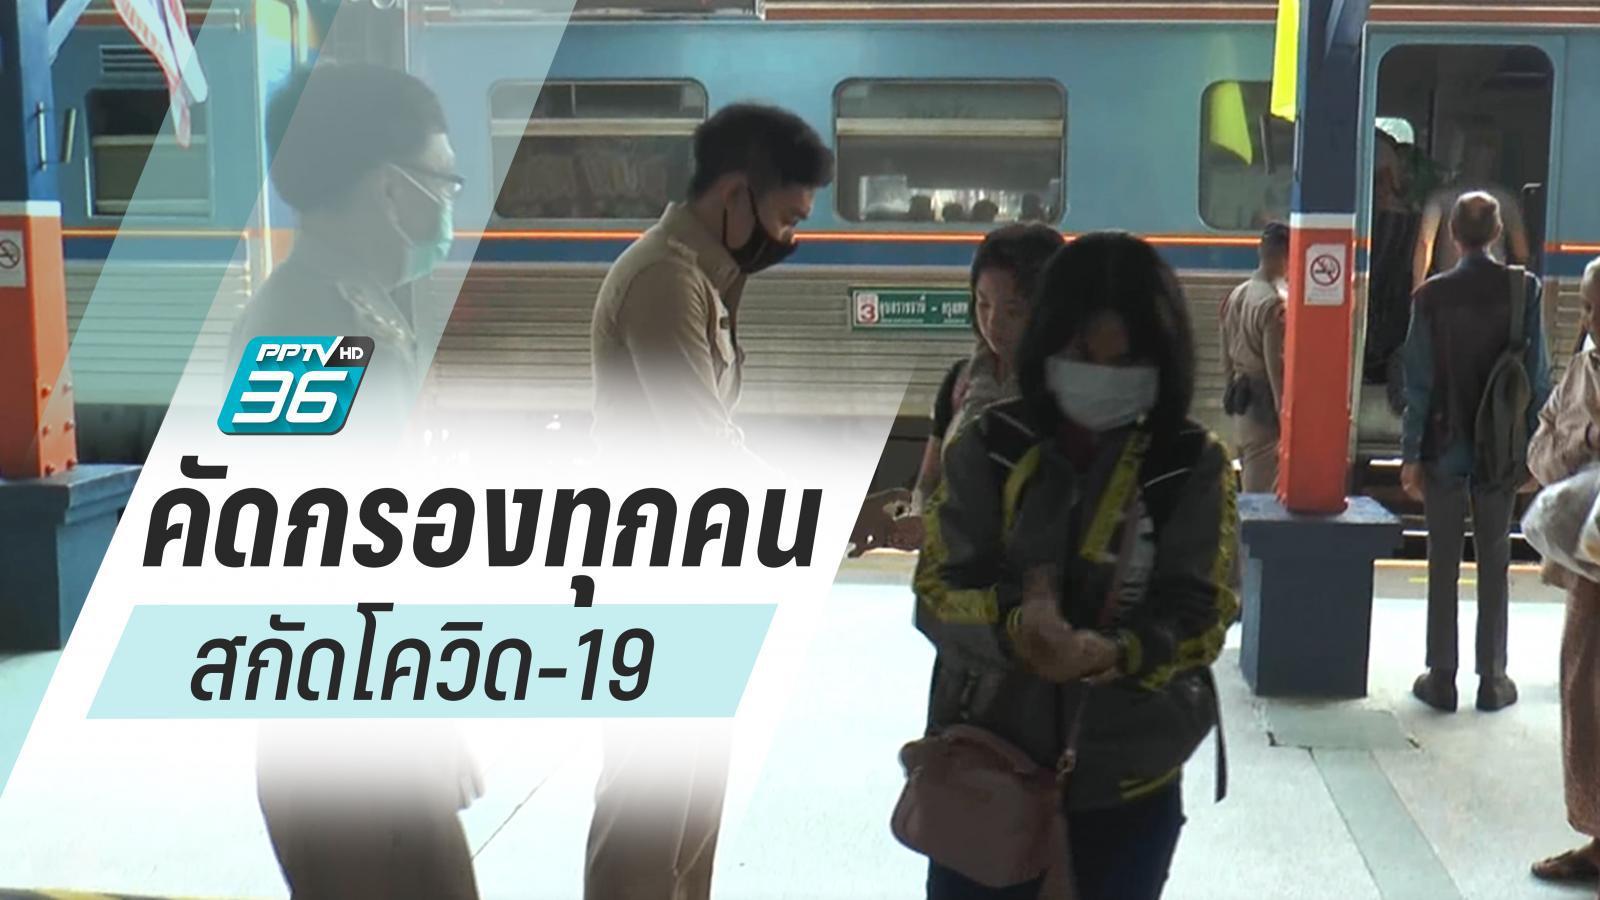 สถานีรถไฟบุรีรัมย์ คัดกรองผู้โดยสารทุกรายหลังปิดเมืองสกัดโควิด-19